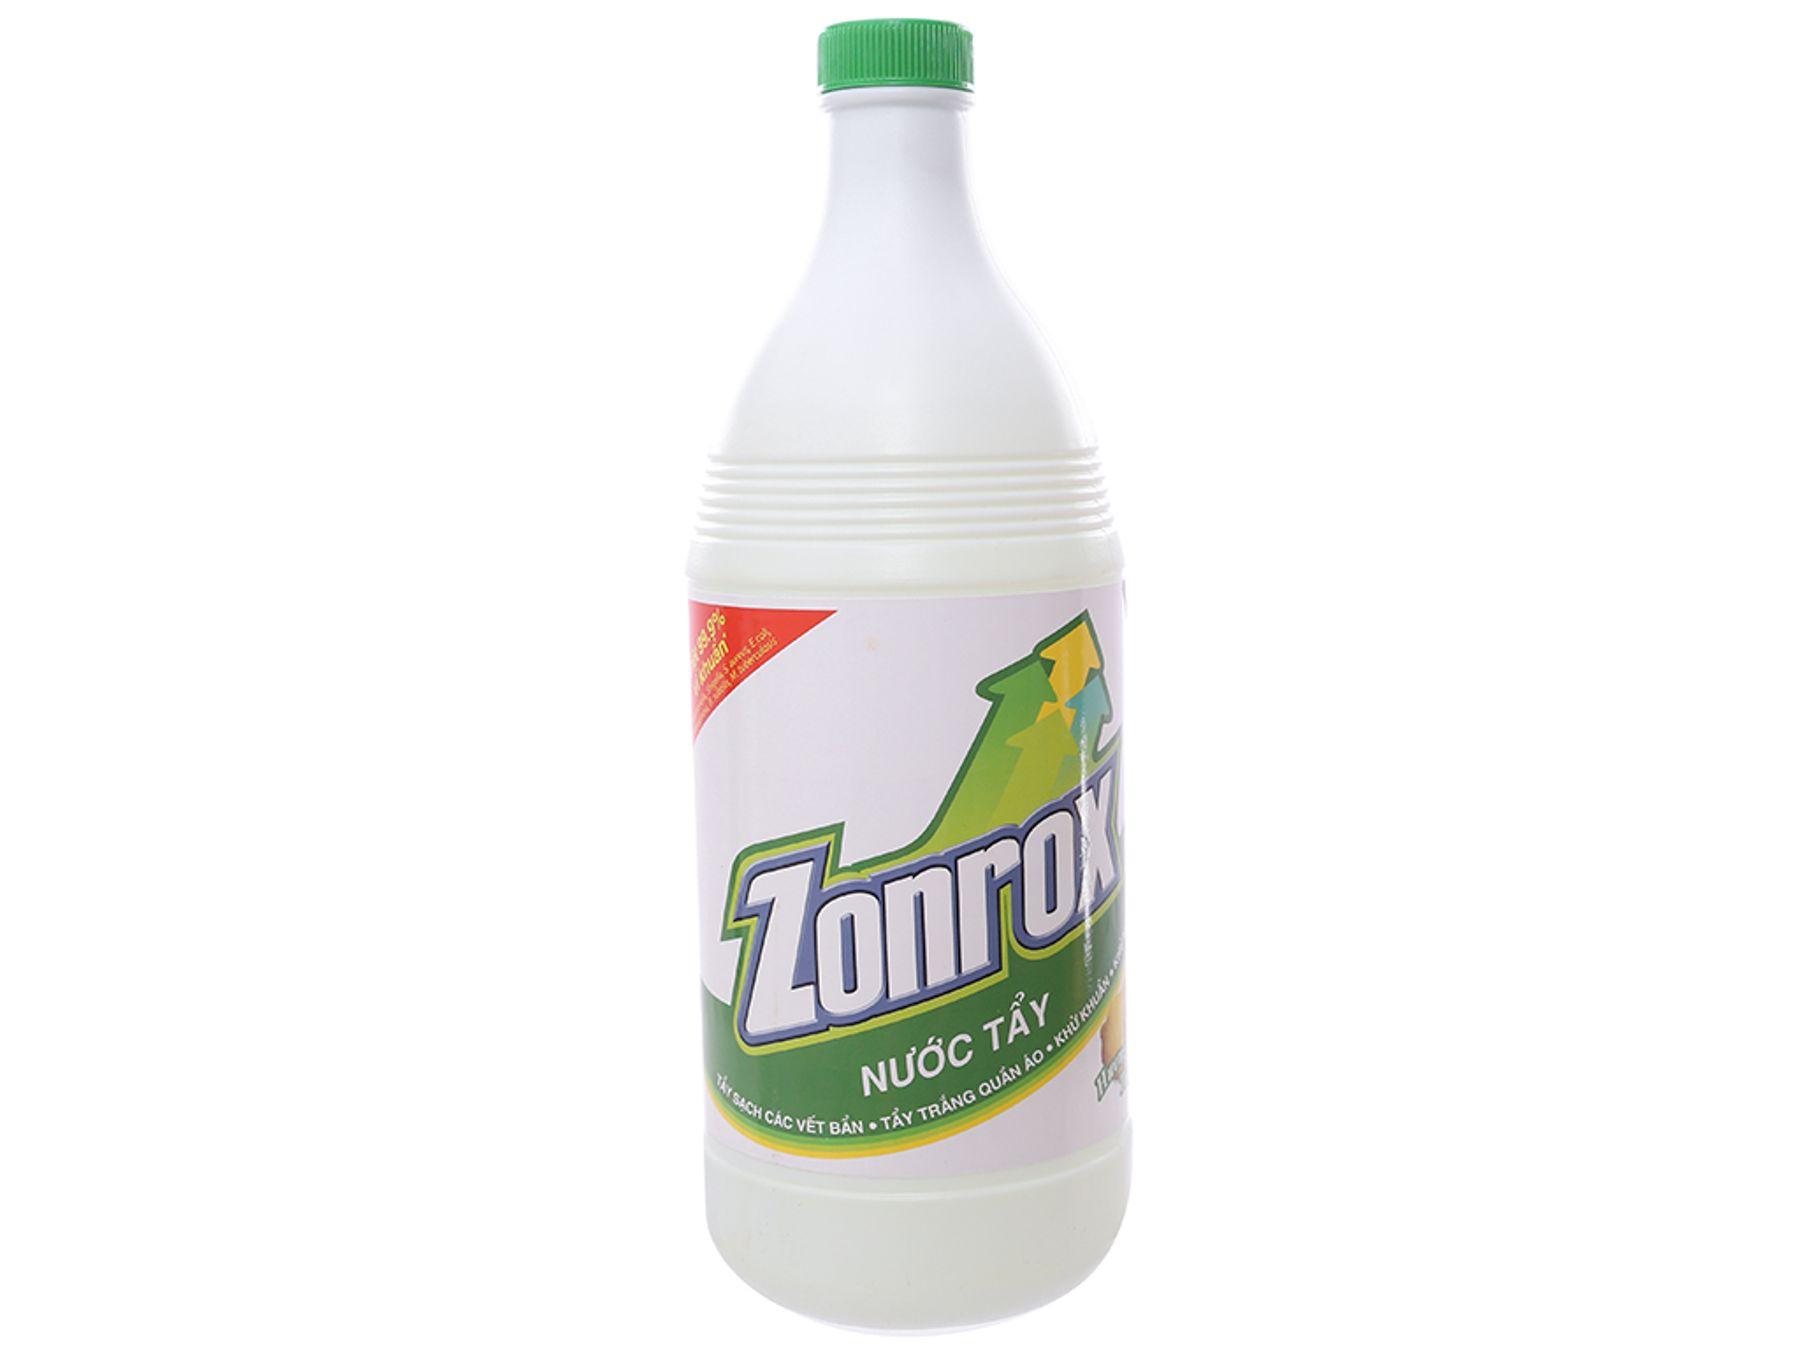 Thuốc tẩy quần áo Zonrox